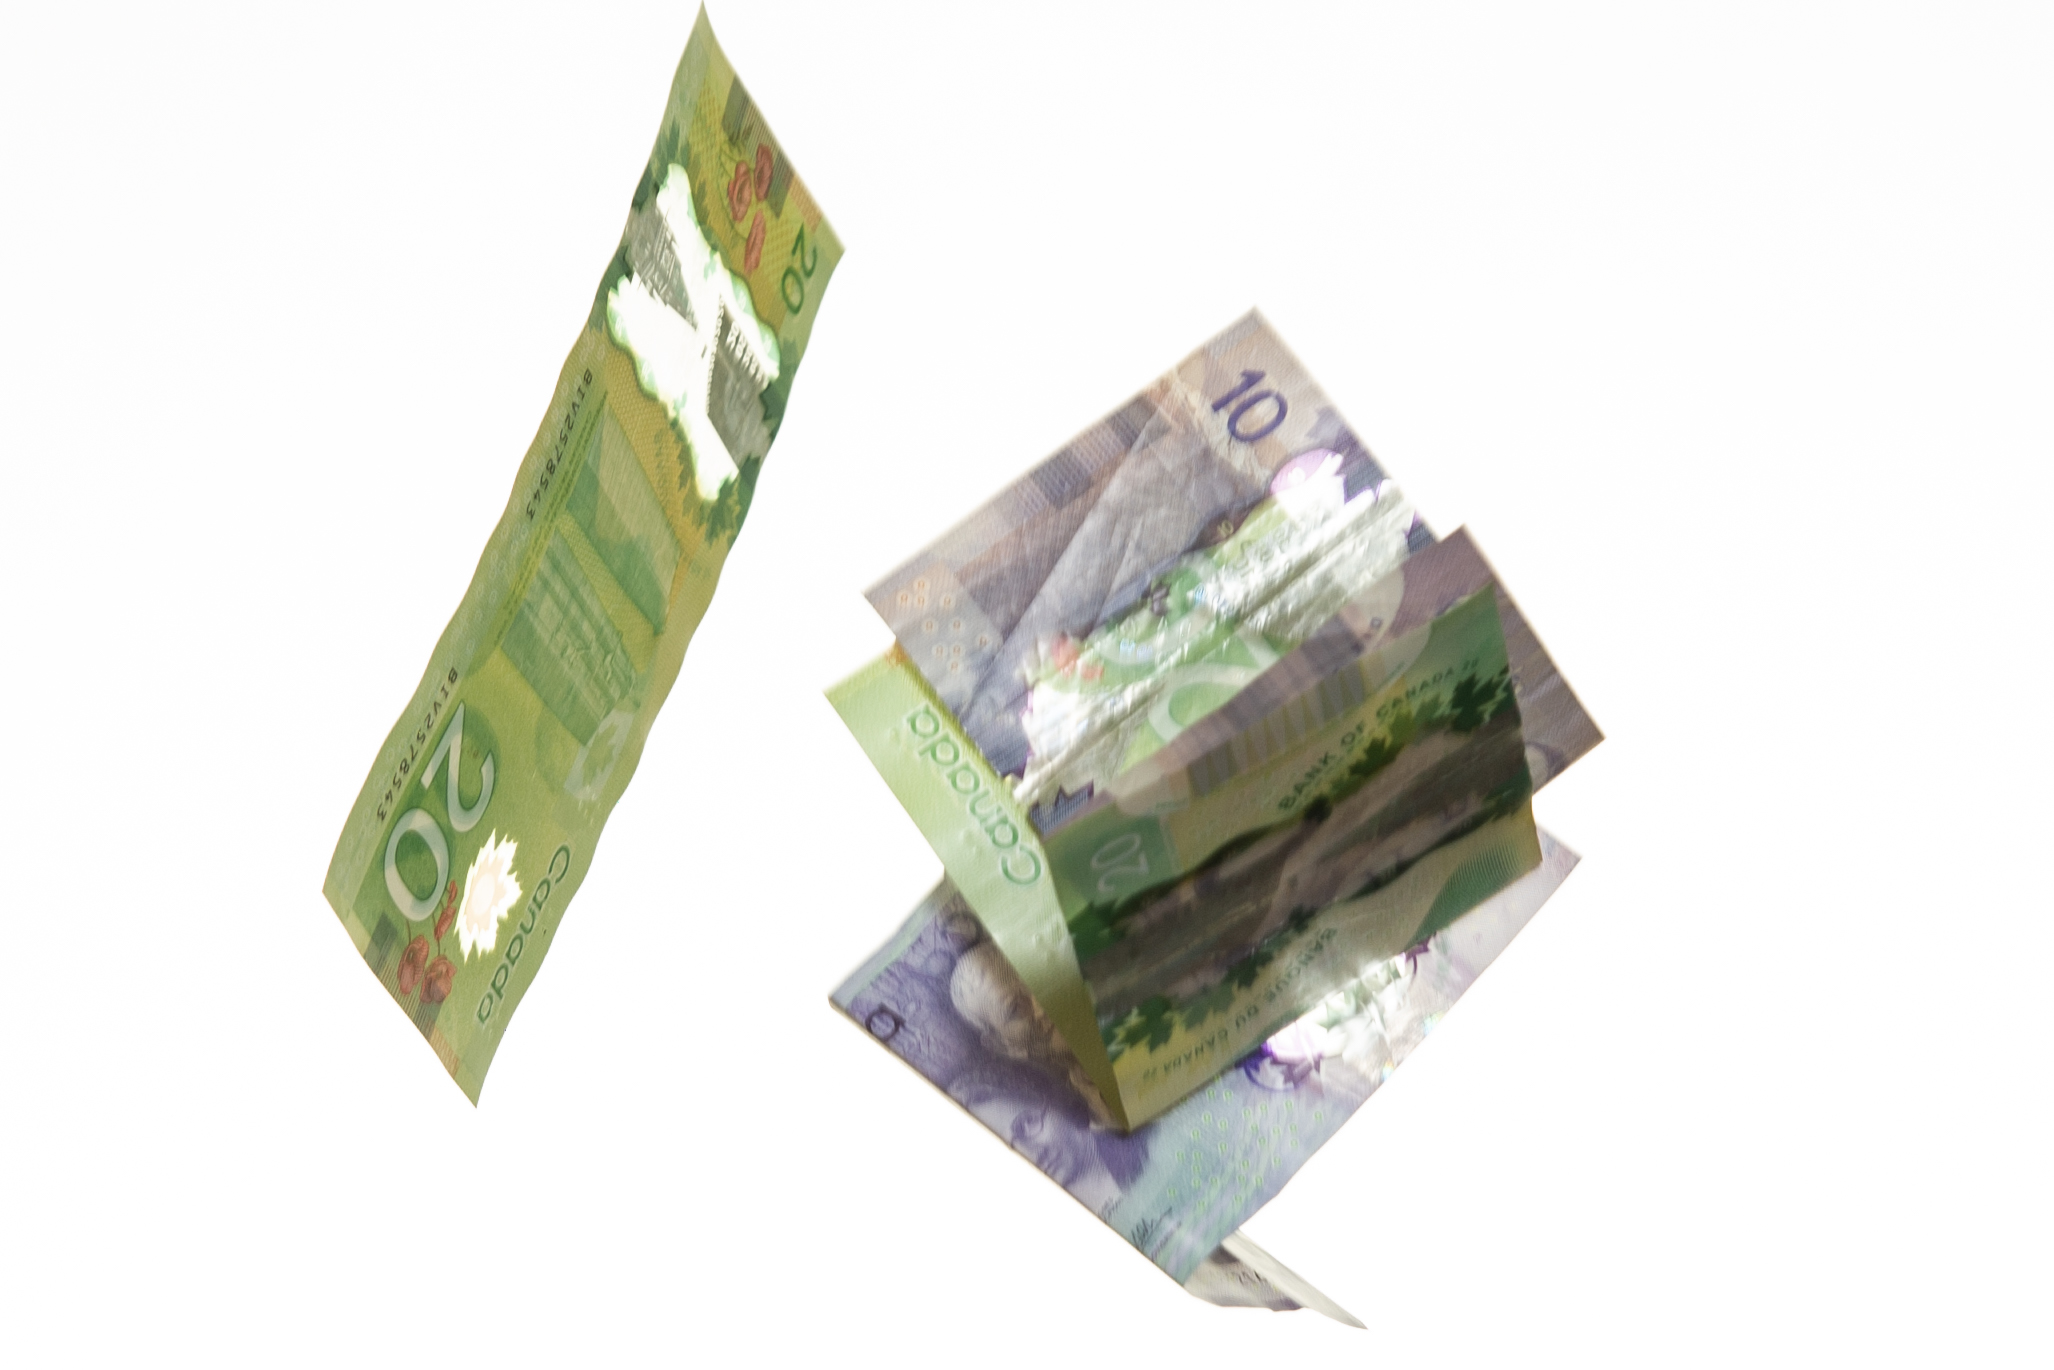 Le salaire minimum au Québec passera à 12,50$ le 1er mai | Québec